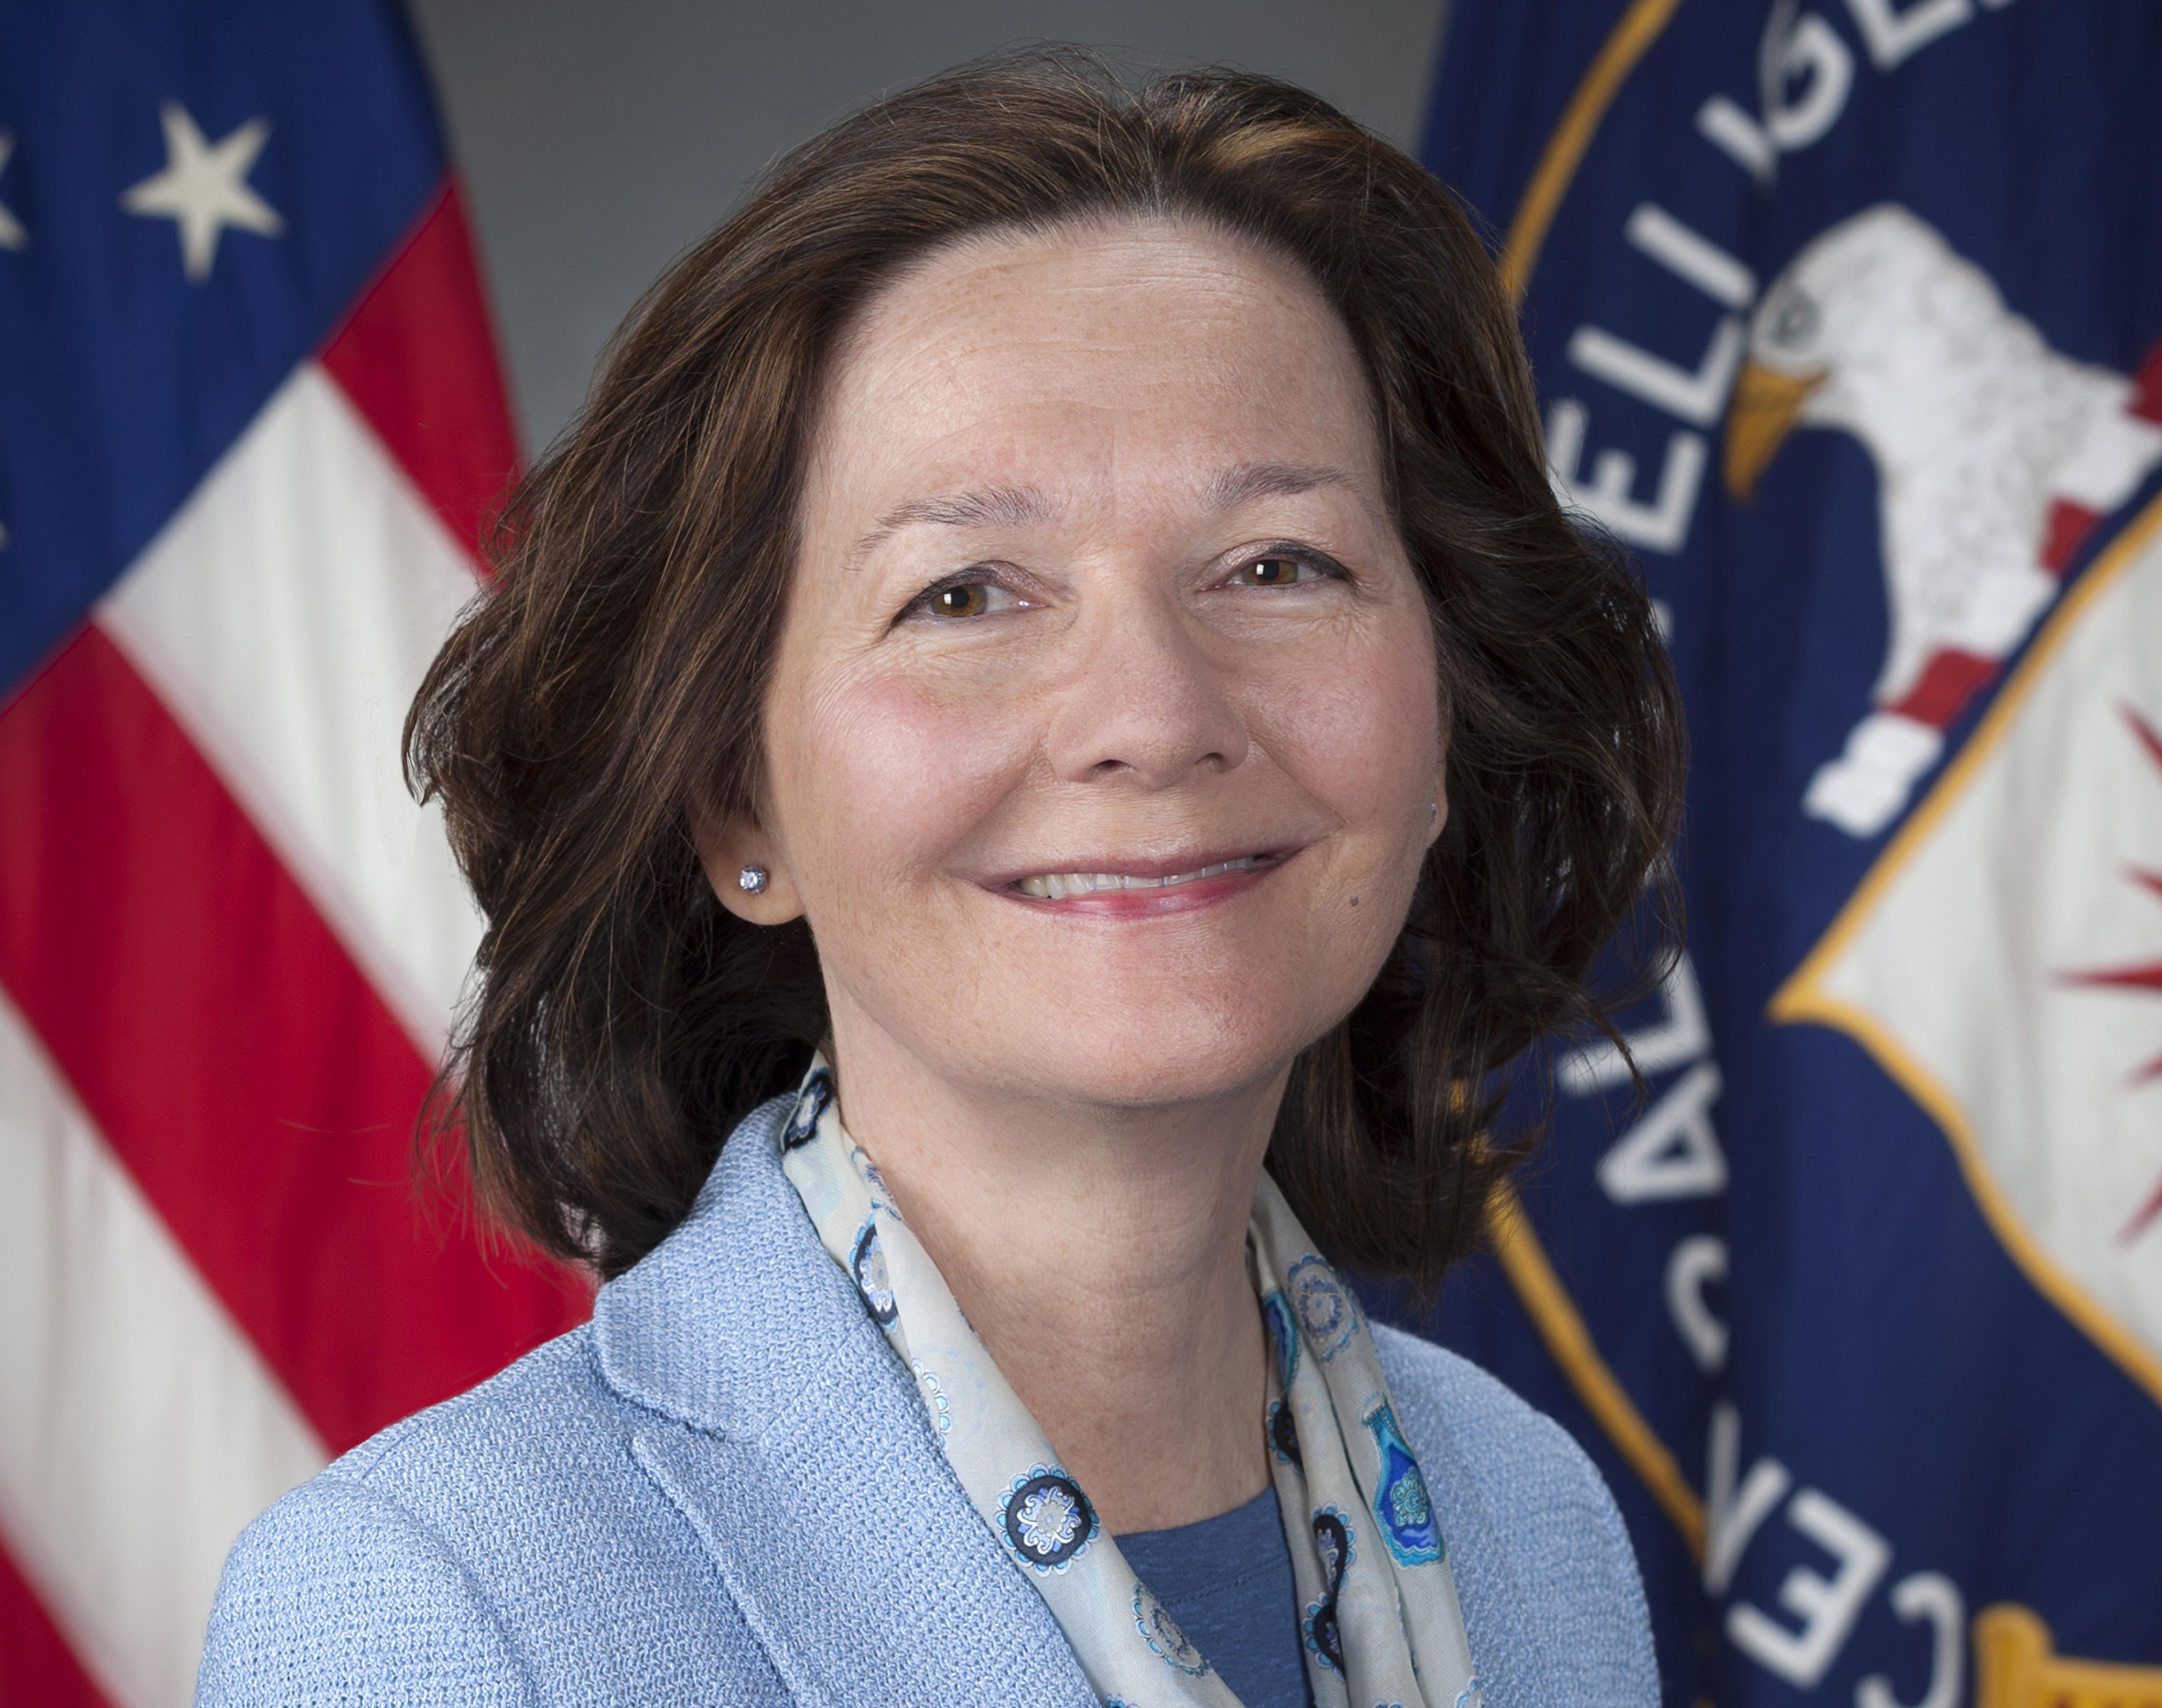 吉娜‧哈斯柏將成為首位女性中情局長。美聯社